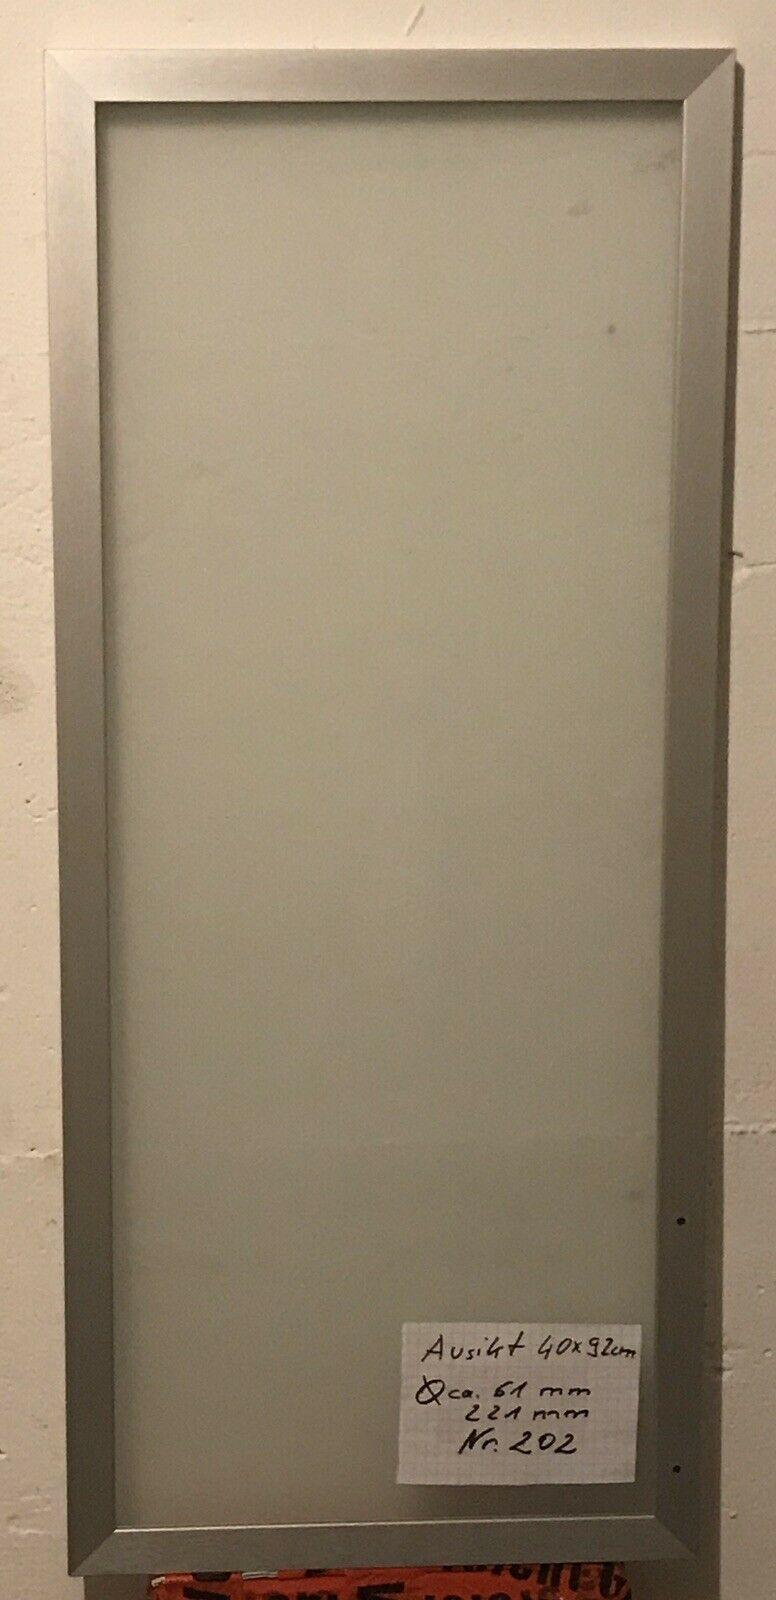 Full Size of Schrankküche Ikea 1avsikt Glas Tr 40 70 Cm Fr Faktum Betten 160x200 Küche Kosten Modulküche Bei Sofa Mit Schlaffunktion Kaufen Miniküche Wohnzimmer Schrankküche Ikea